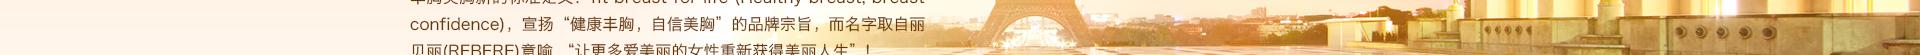 """源于绿色出自精品 丽贝丽丰胸""""大""""不同 天然丰胸 恒久稳固 尽享傲人性感 丰润嫩白坚挺饱满 提升胸位增大丰满"""